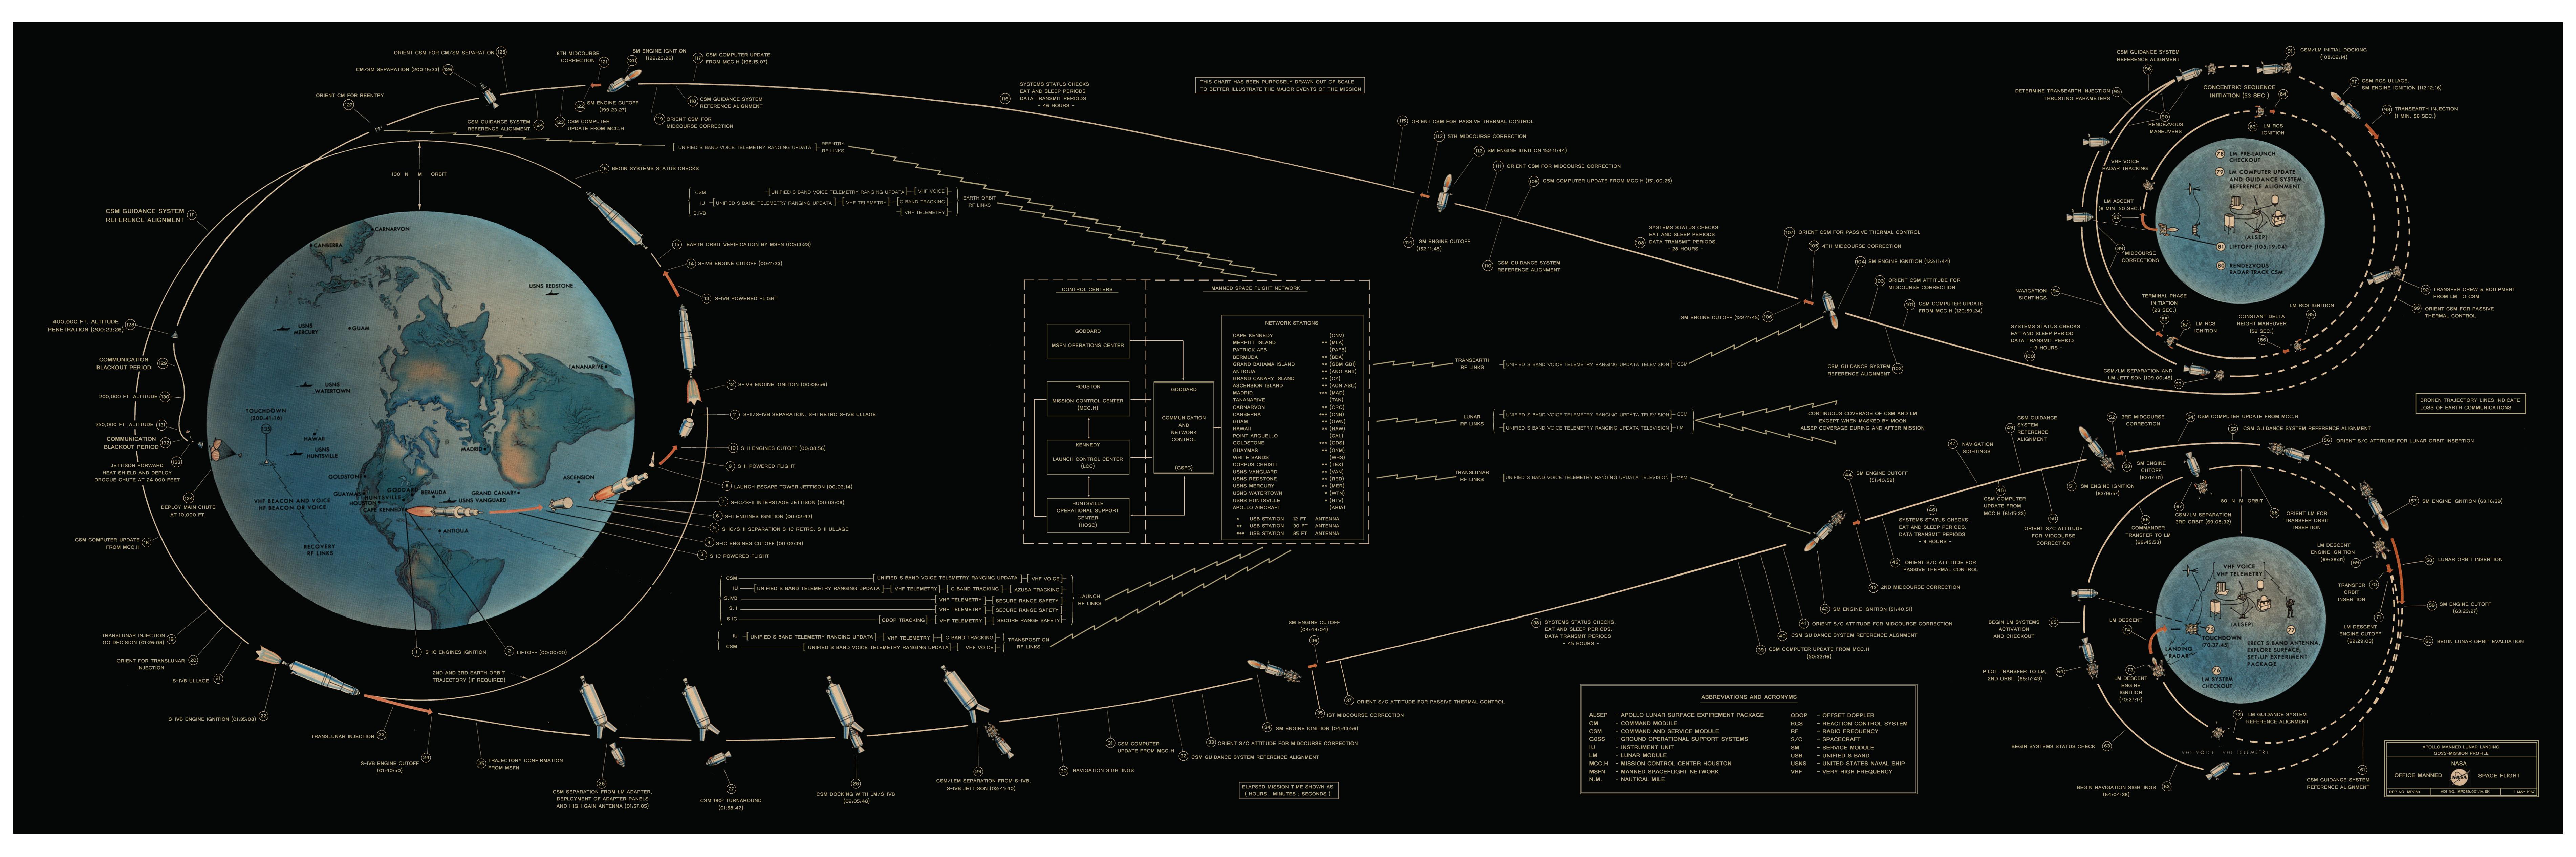 apollo flight plan - photo #3